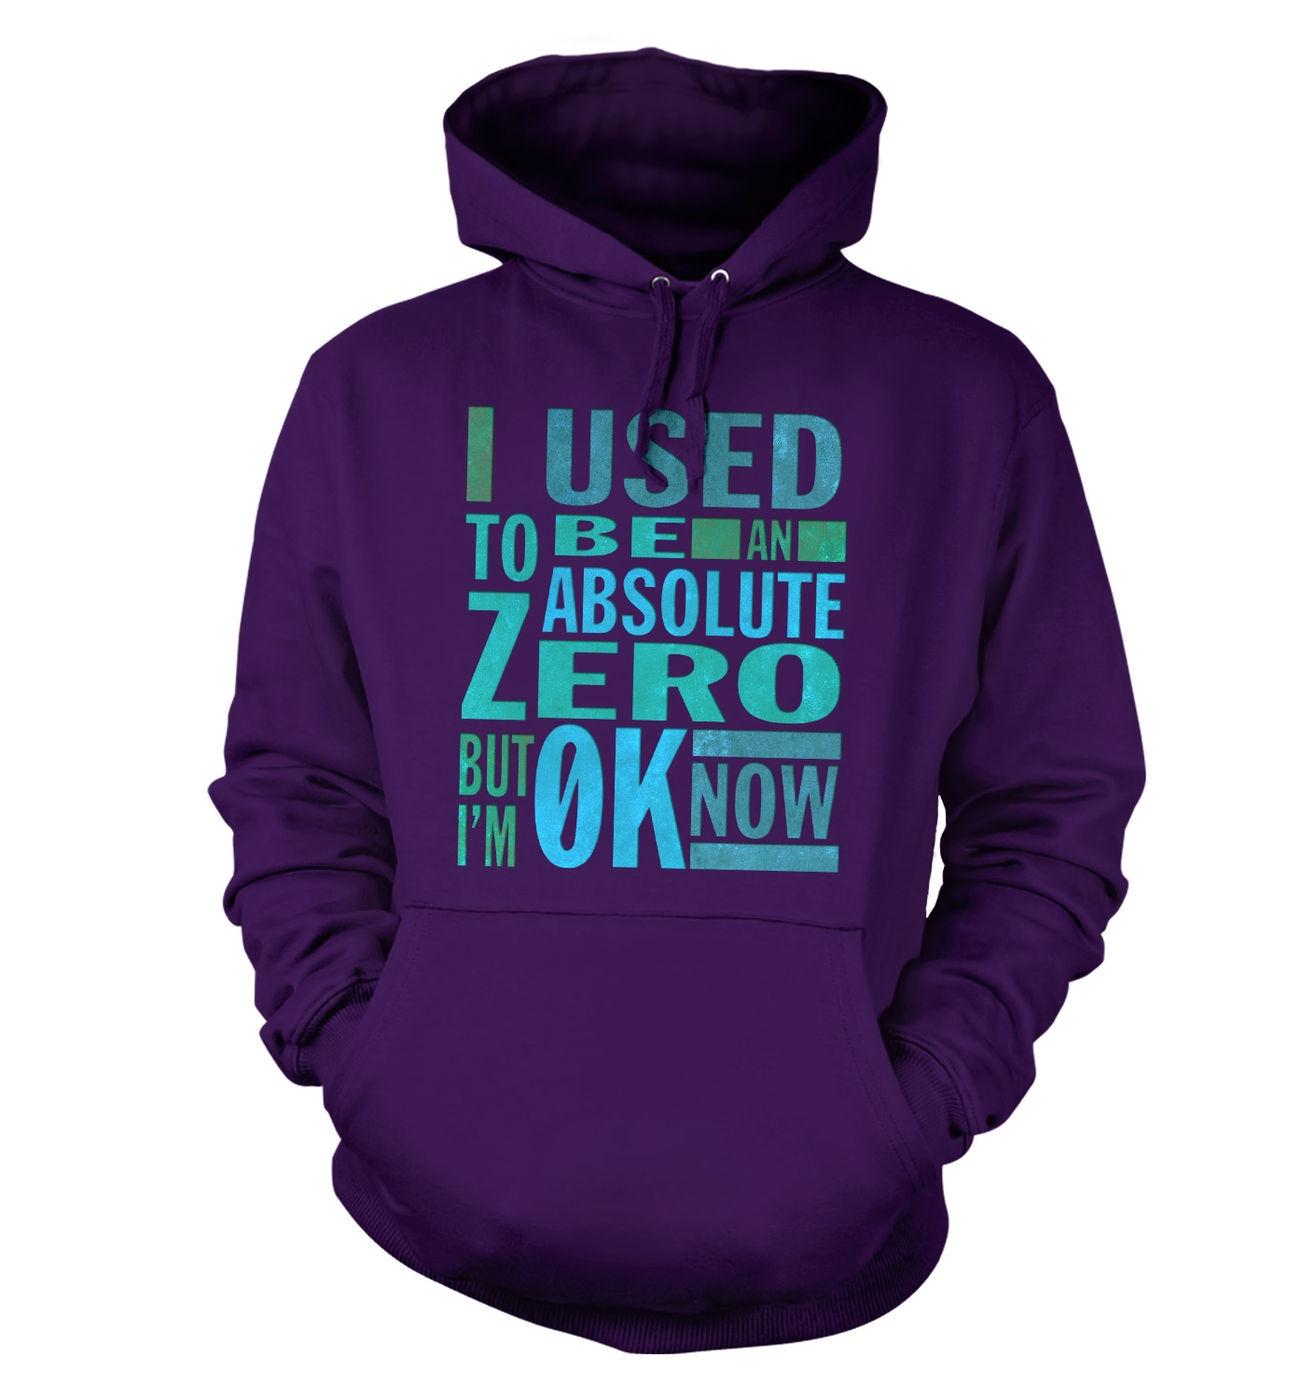 Absolute Zero 0K Now hoodie - funny science slogan hoody